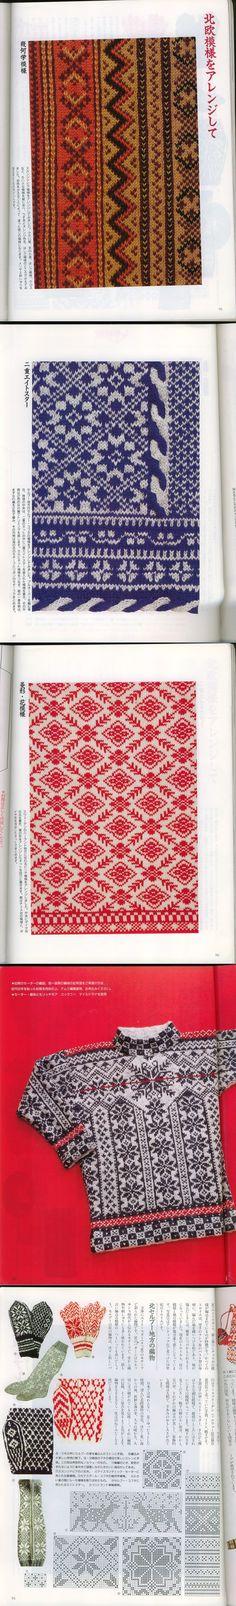 Журнал:«Amu 1993 02»